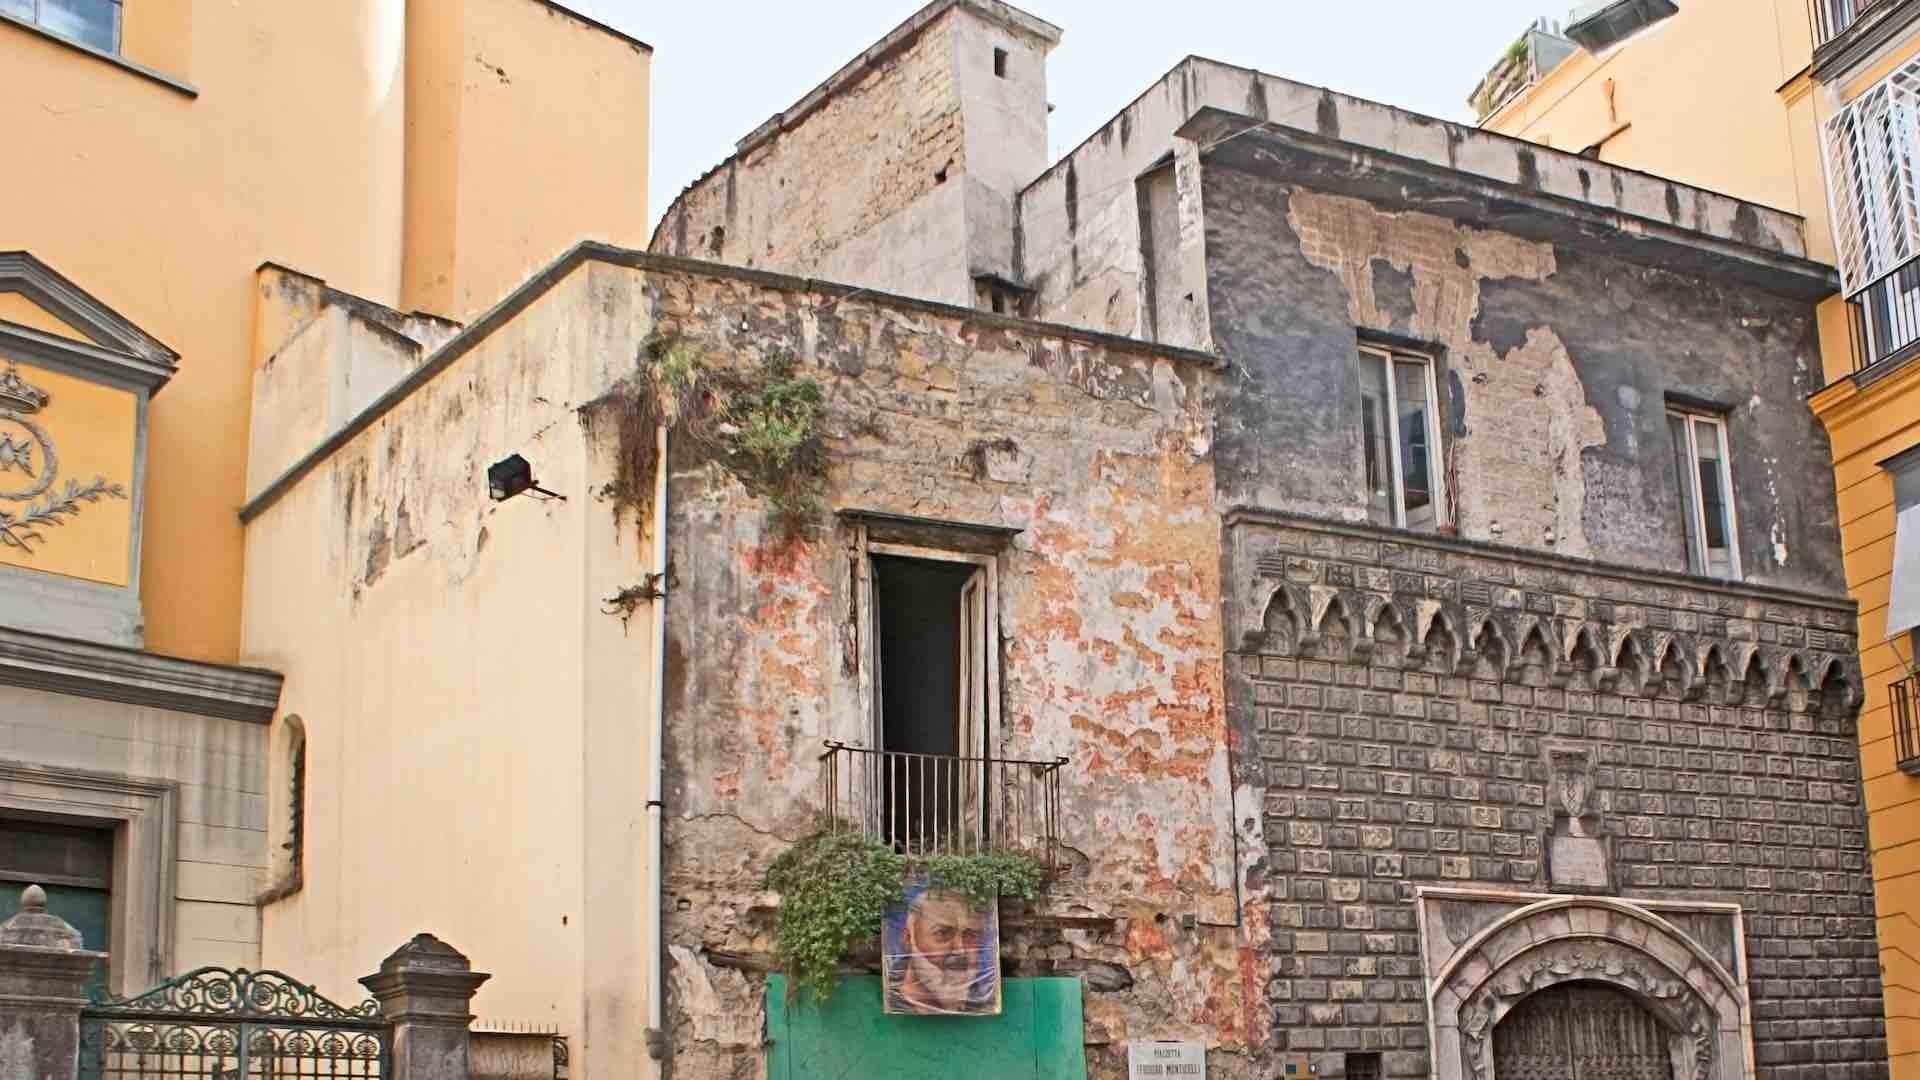 Palazzo Penne: Il Palazzo Rinascimentale del Diavolo